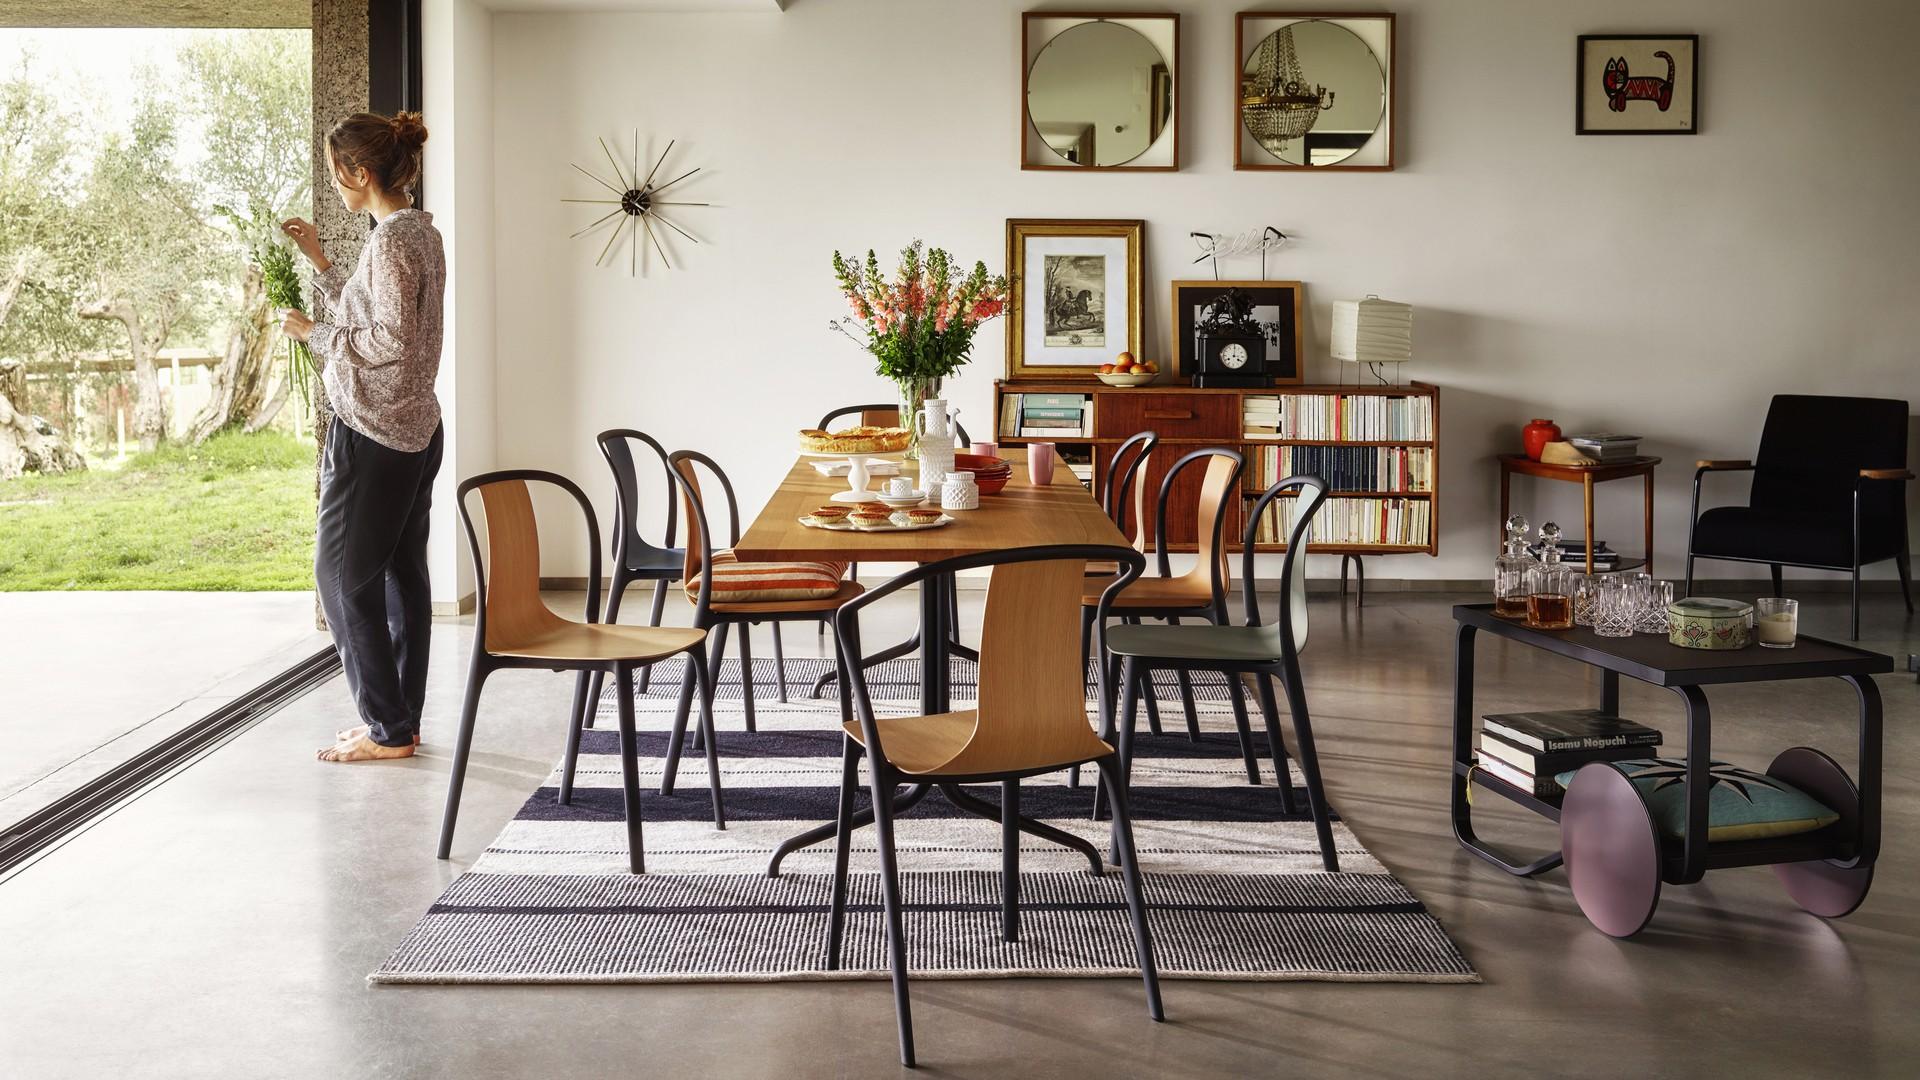 Krzesła z serii Belleville Chair Wood firmy Vitra. Projekt: Ronan & Erwan Bouroullec. Fot. Vitra